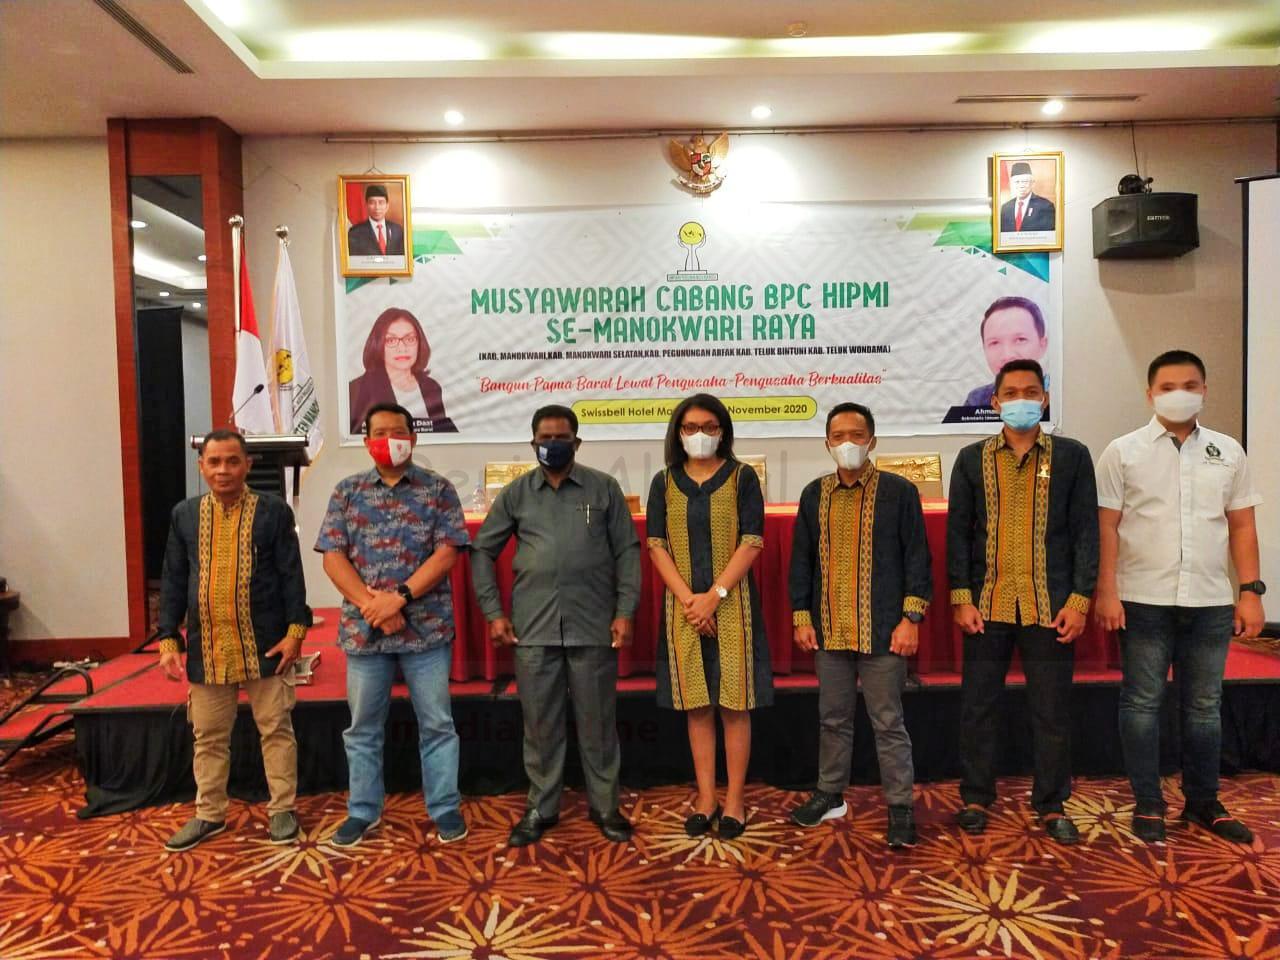 HIPMI Lahirkan Pengusaha Tularkan Kewirausahaan Untuk Generasi Muda di Papua Barat 17 IMG 20201107 WA0011